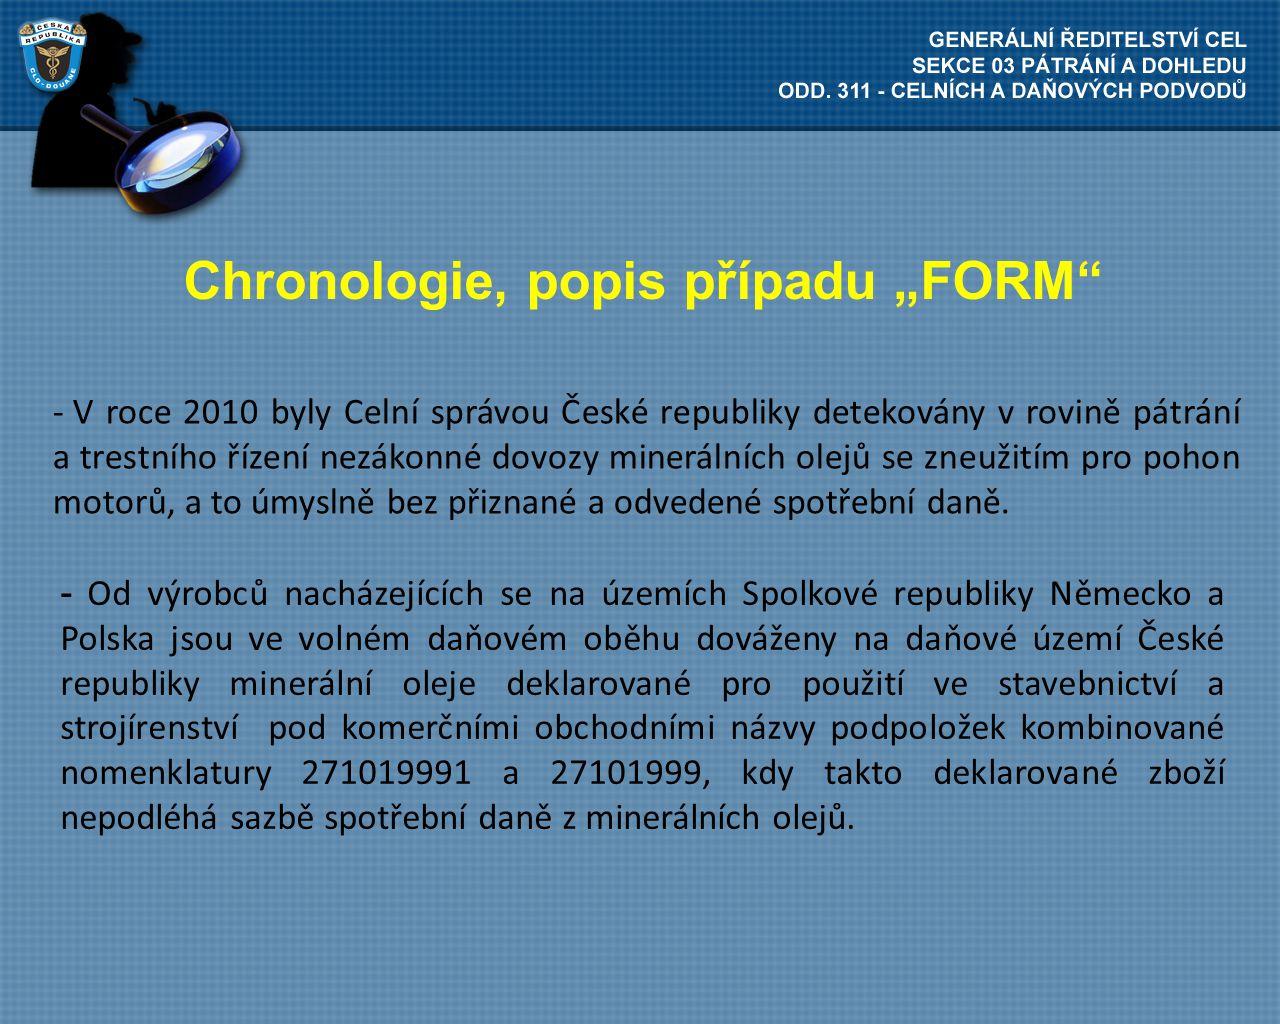 """Chronologie, popis případu """"FORM"""" - V roce 2010 byly Celní správou České republiky detekovány v rovině pátrání a trestního řízení nezákonné dovozy min"""